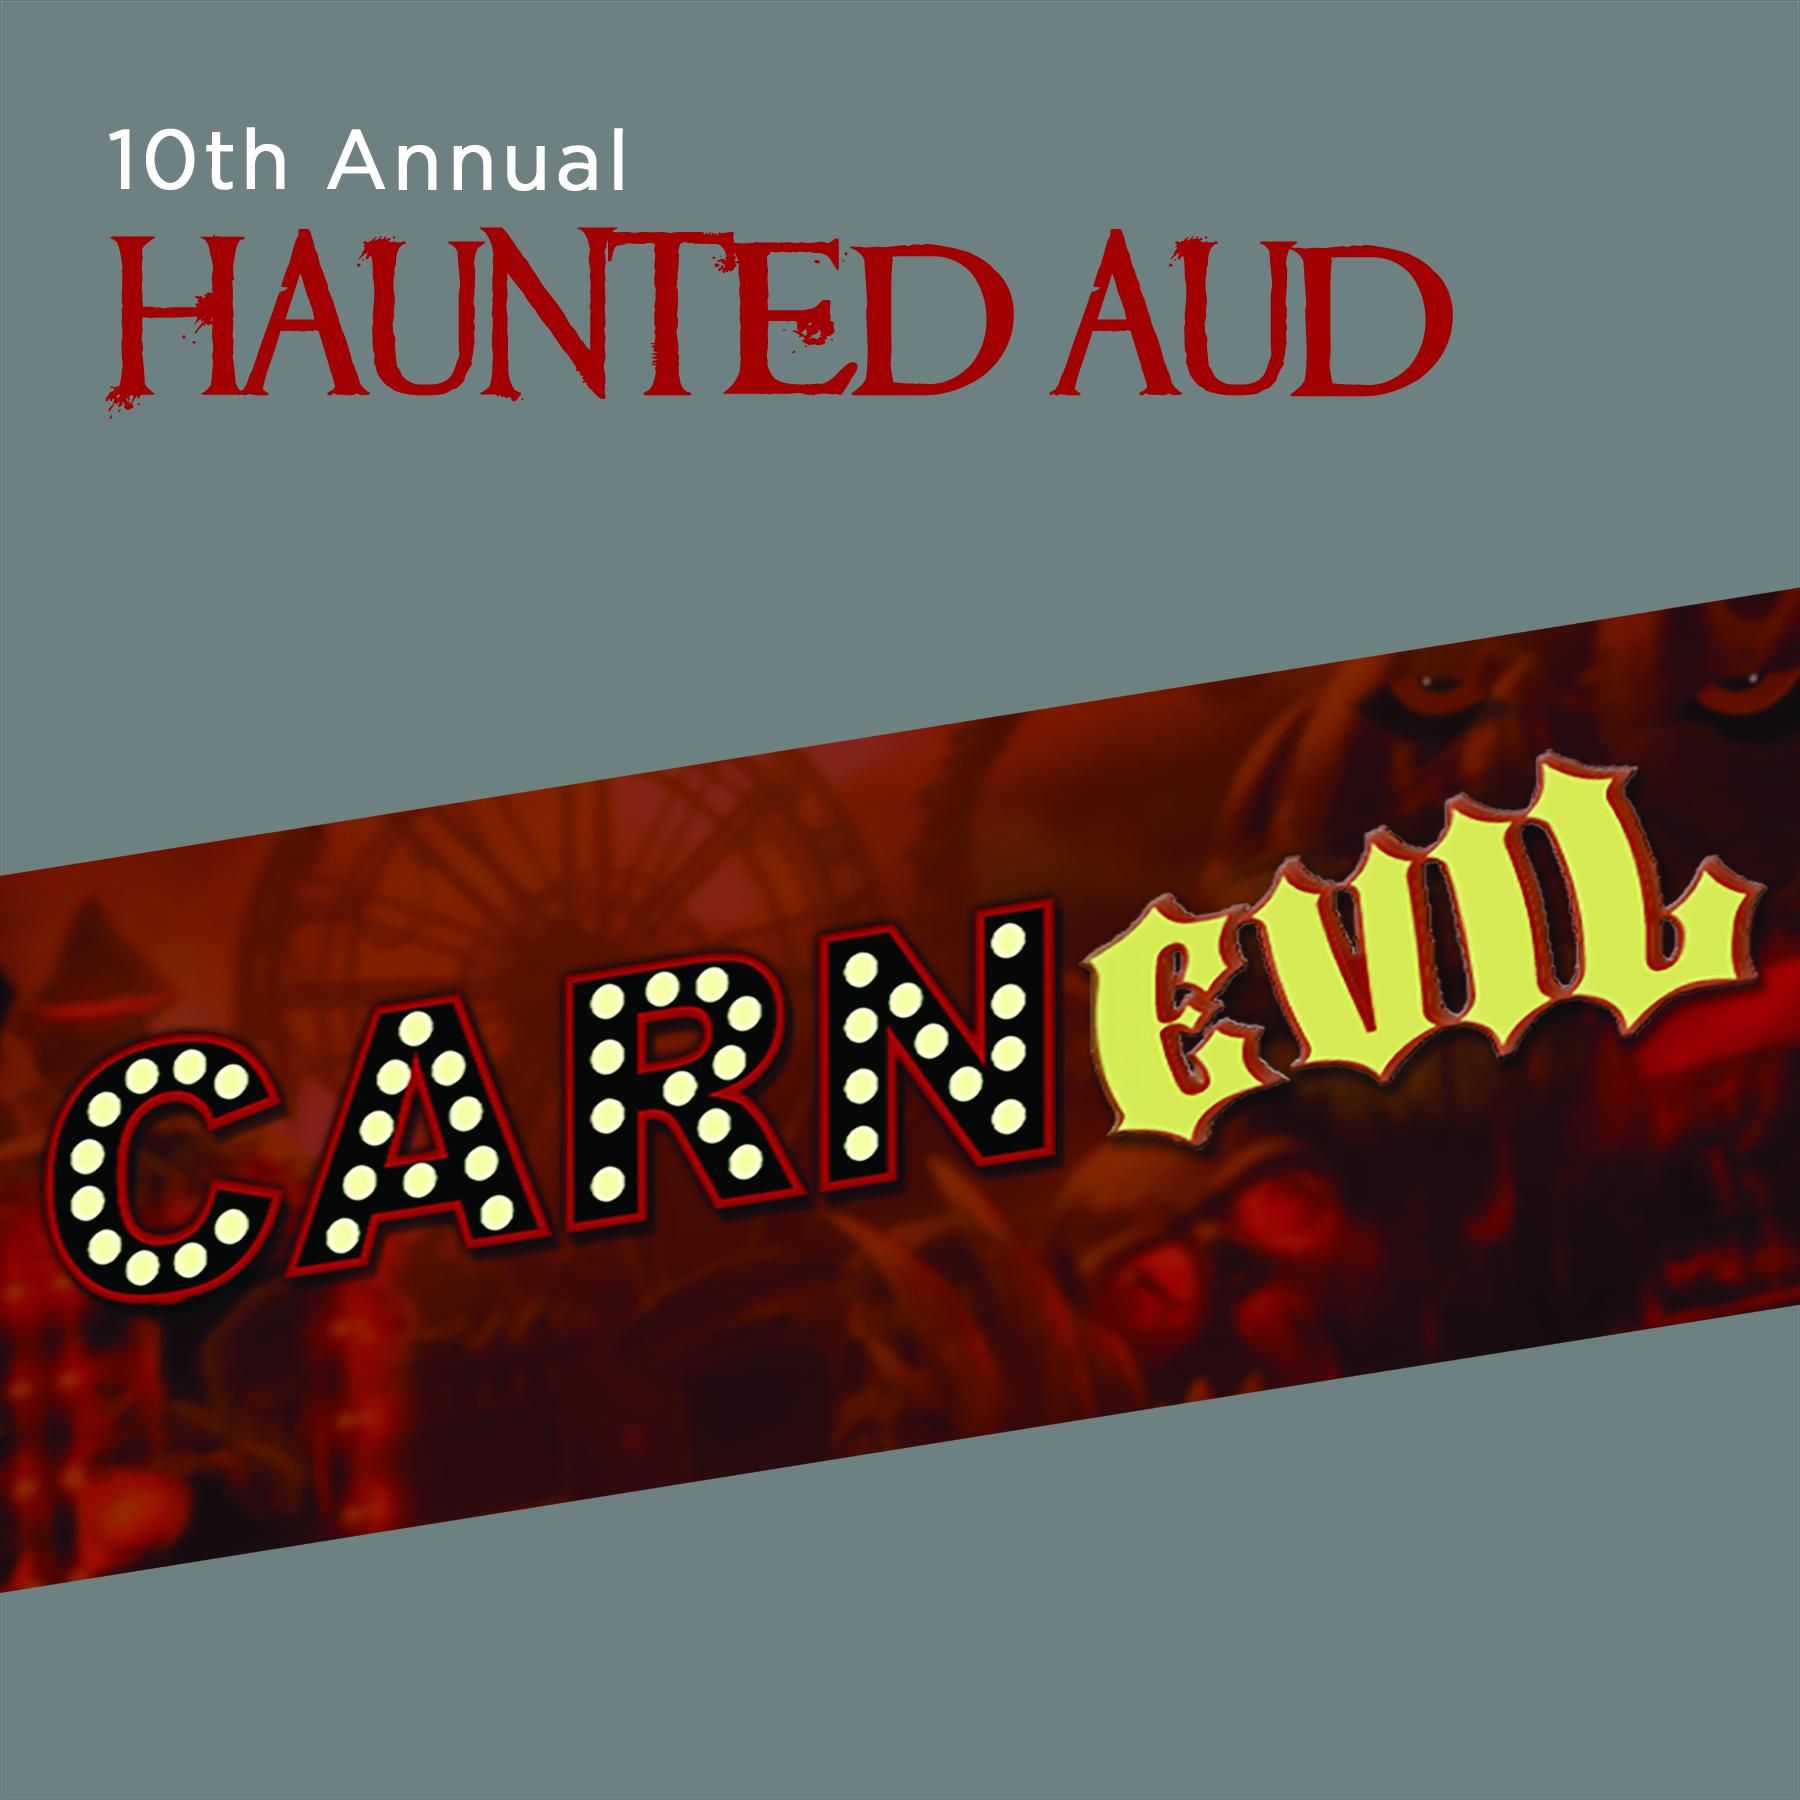 Haunted Aud @ MSU Auditorium